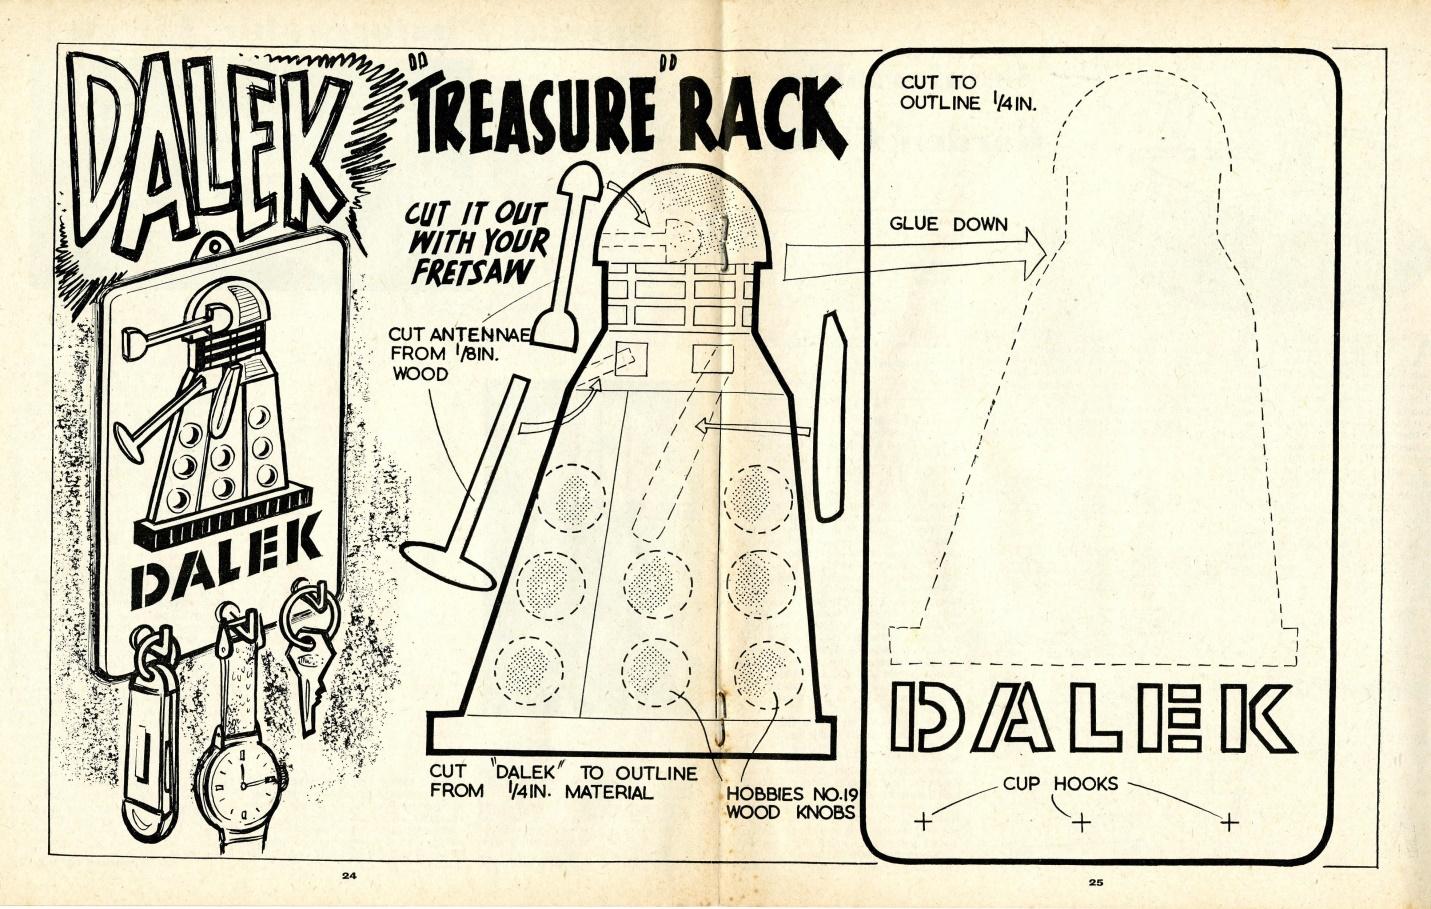 Hobbies Weekly, April 14, 1965